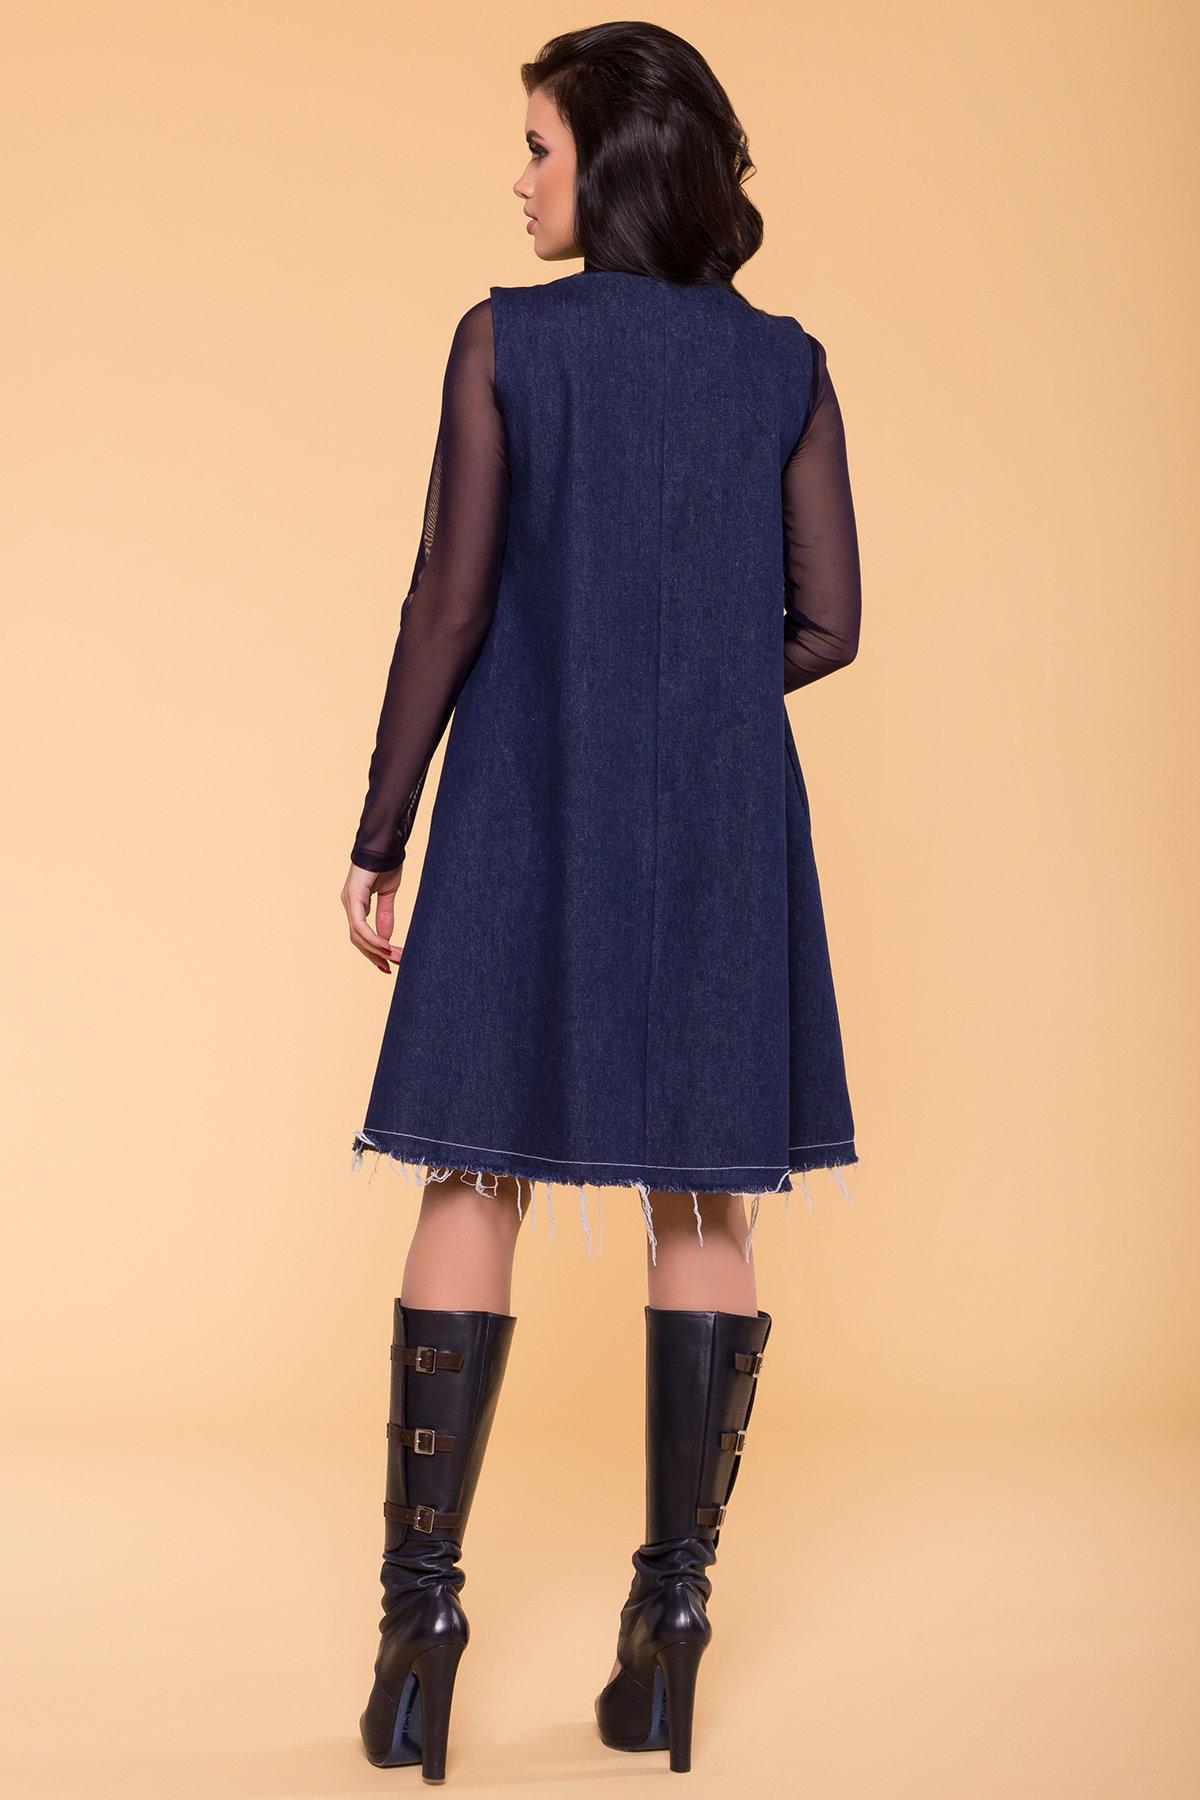 Платье Индира 3404 АРТ. 17362 Цвет: Темный джинс - фото 2, интернет магазин tm-modus.ru